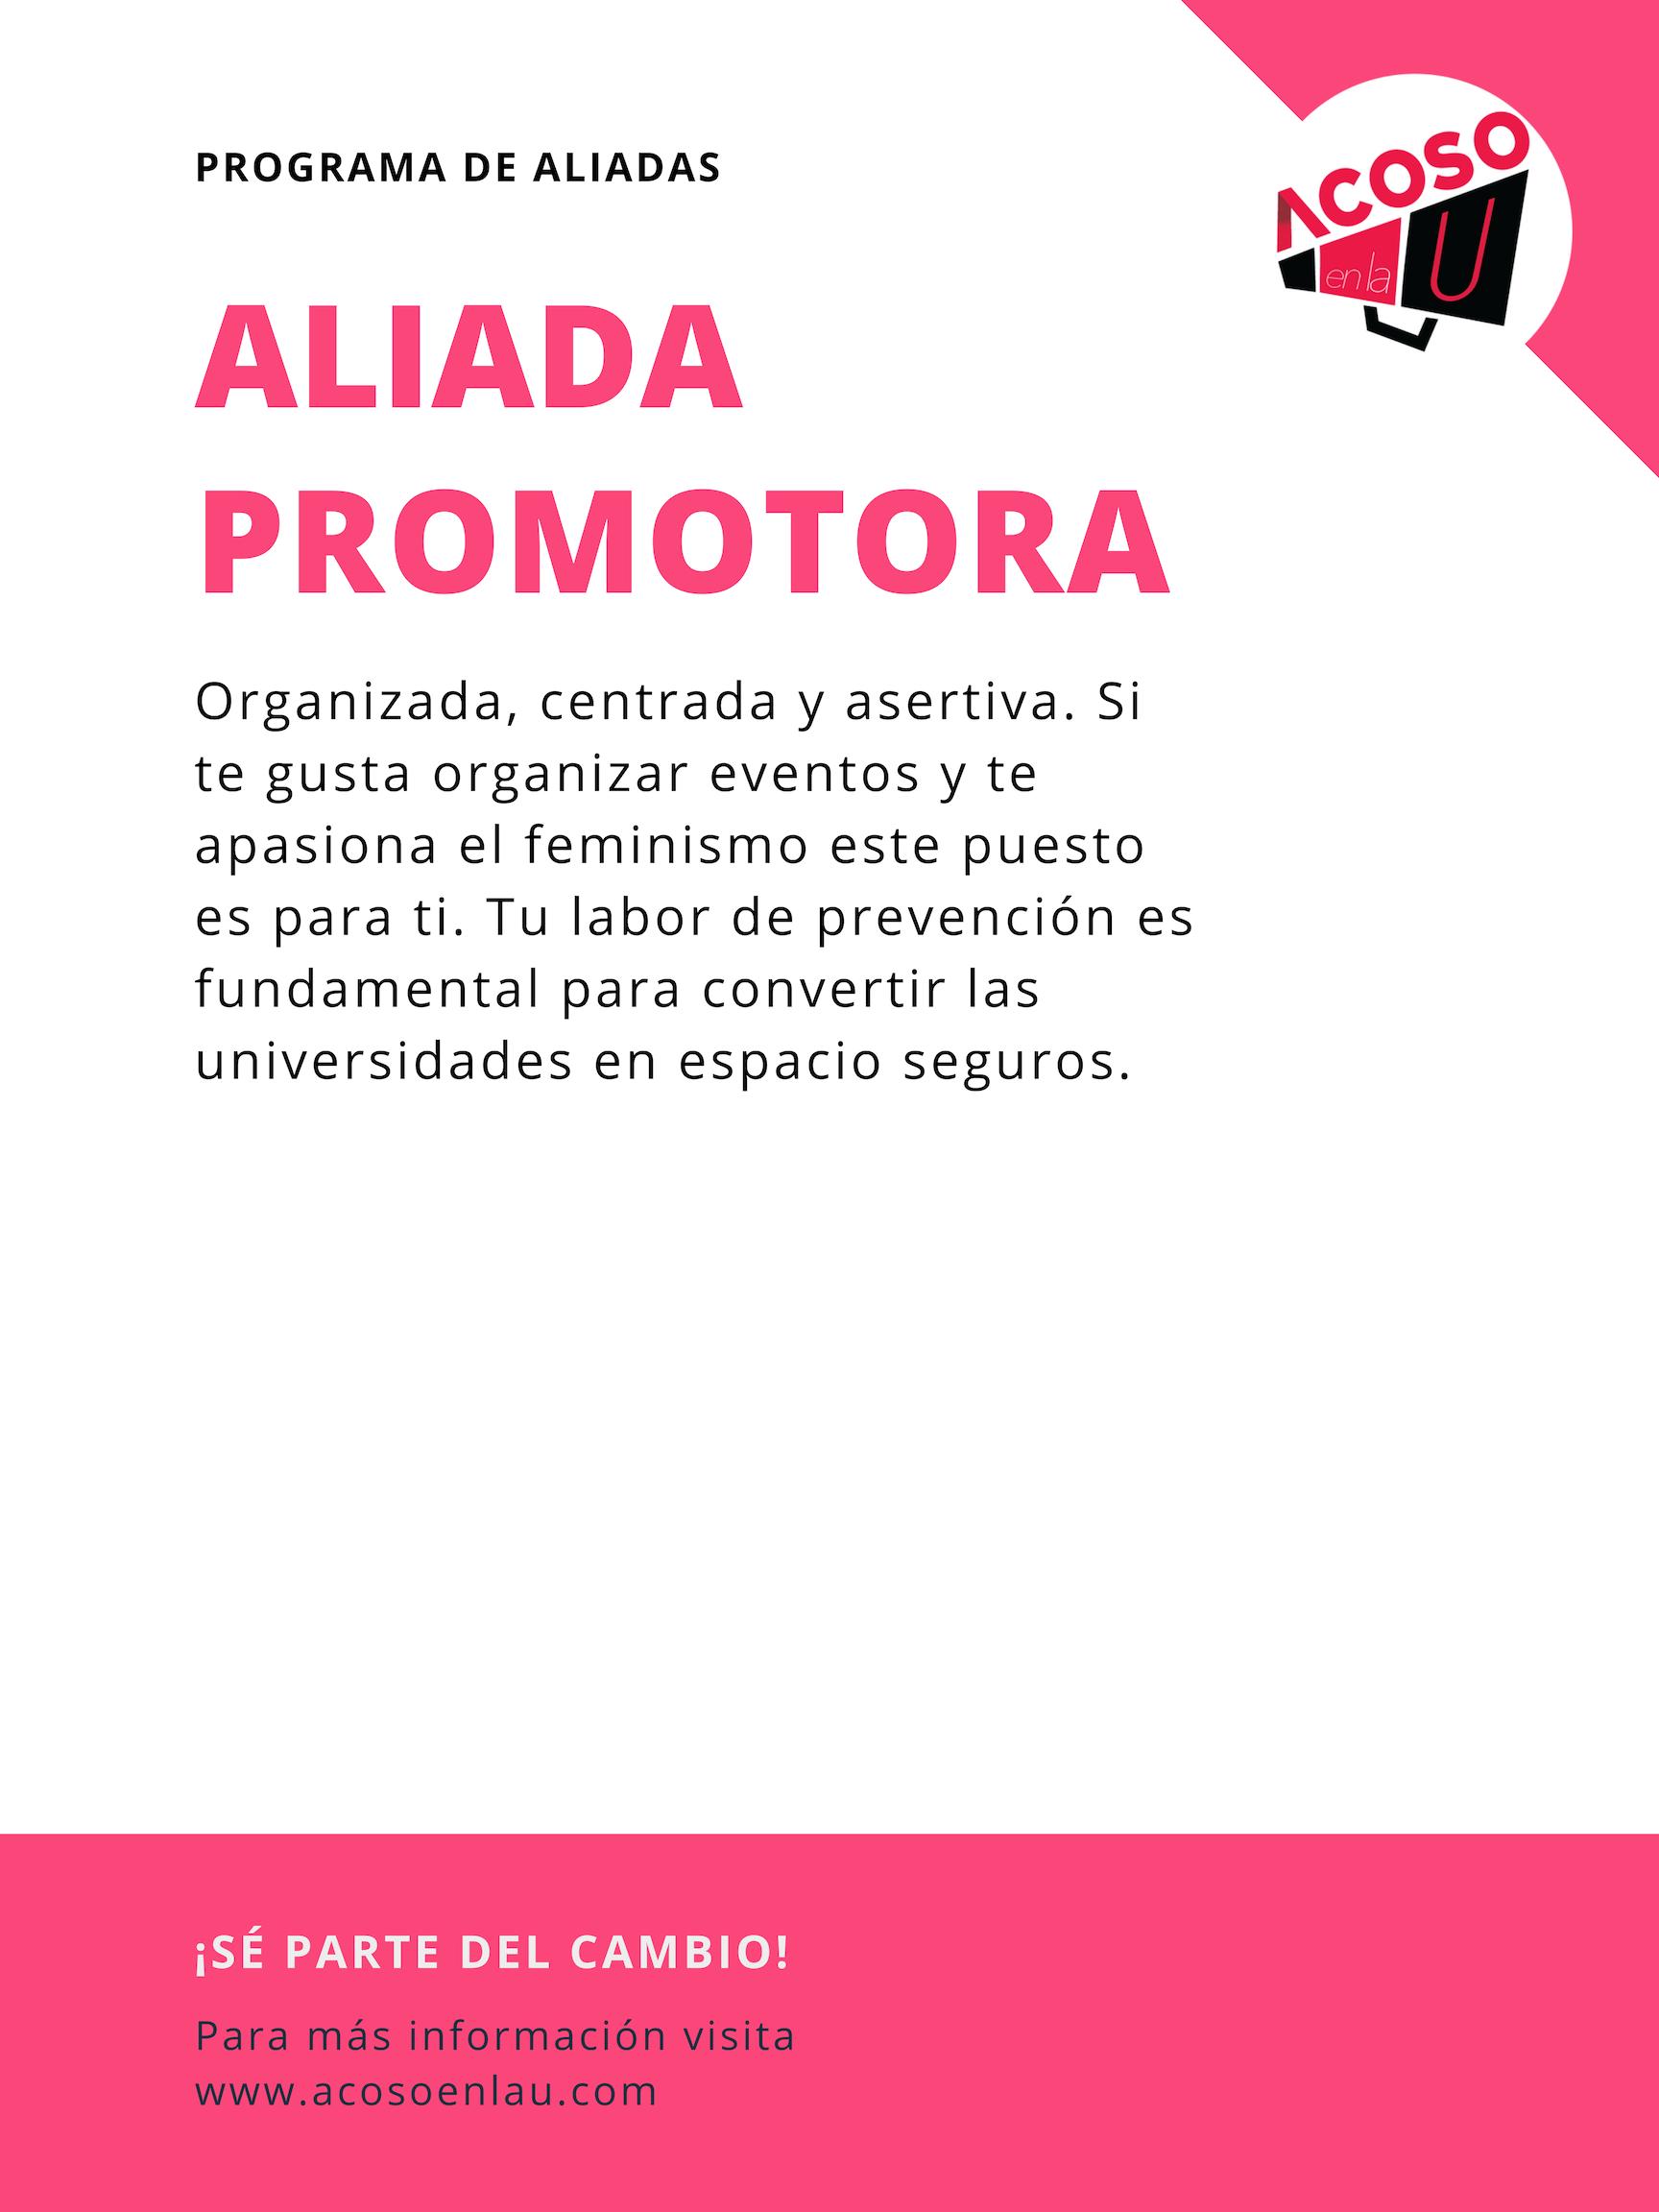 Red-de-Aliadas-Acoso-En-la-U-Hostigamiento-Sexual-Activista-influencer-promotora